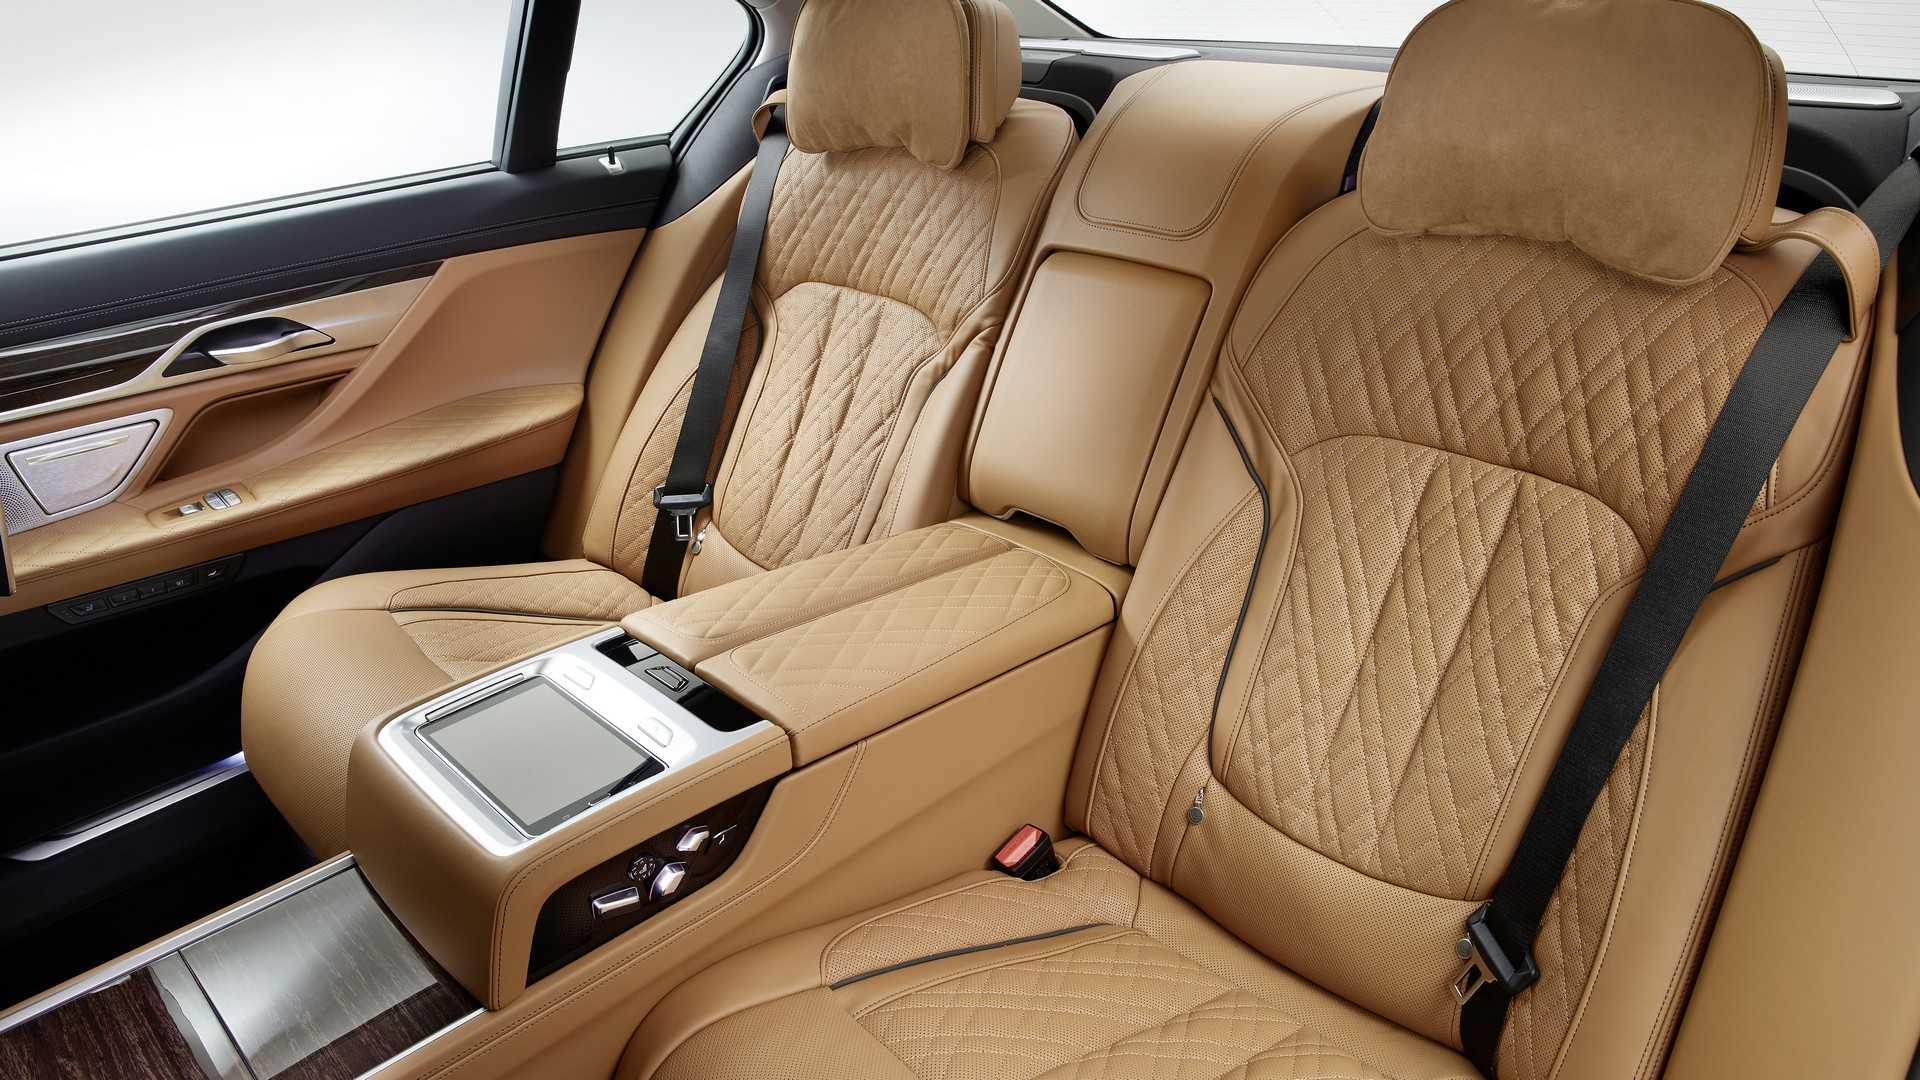 BMW 7 Series thế hệ mới sẽ có thêm bản chạy điện hoàn toàn - 26